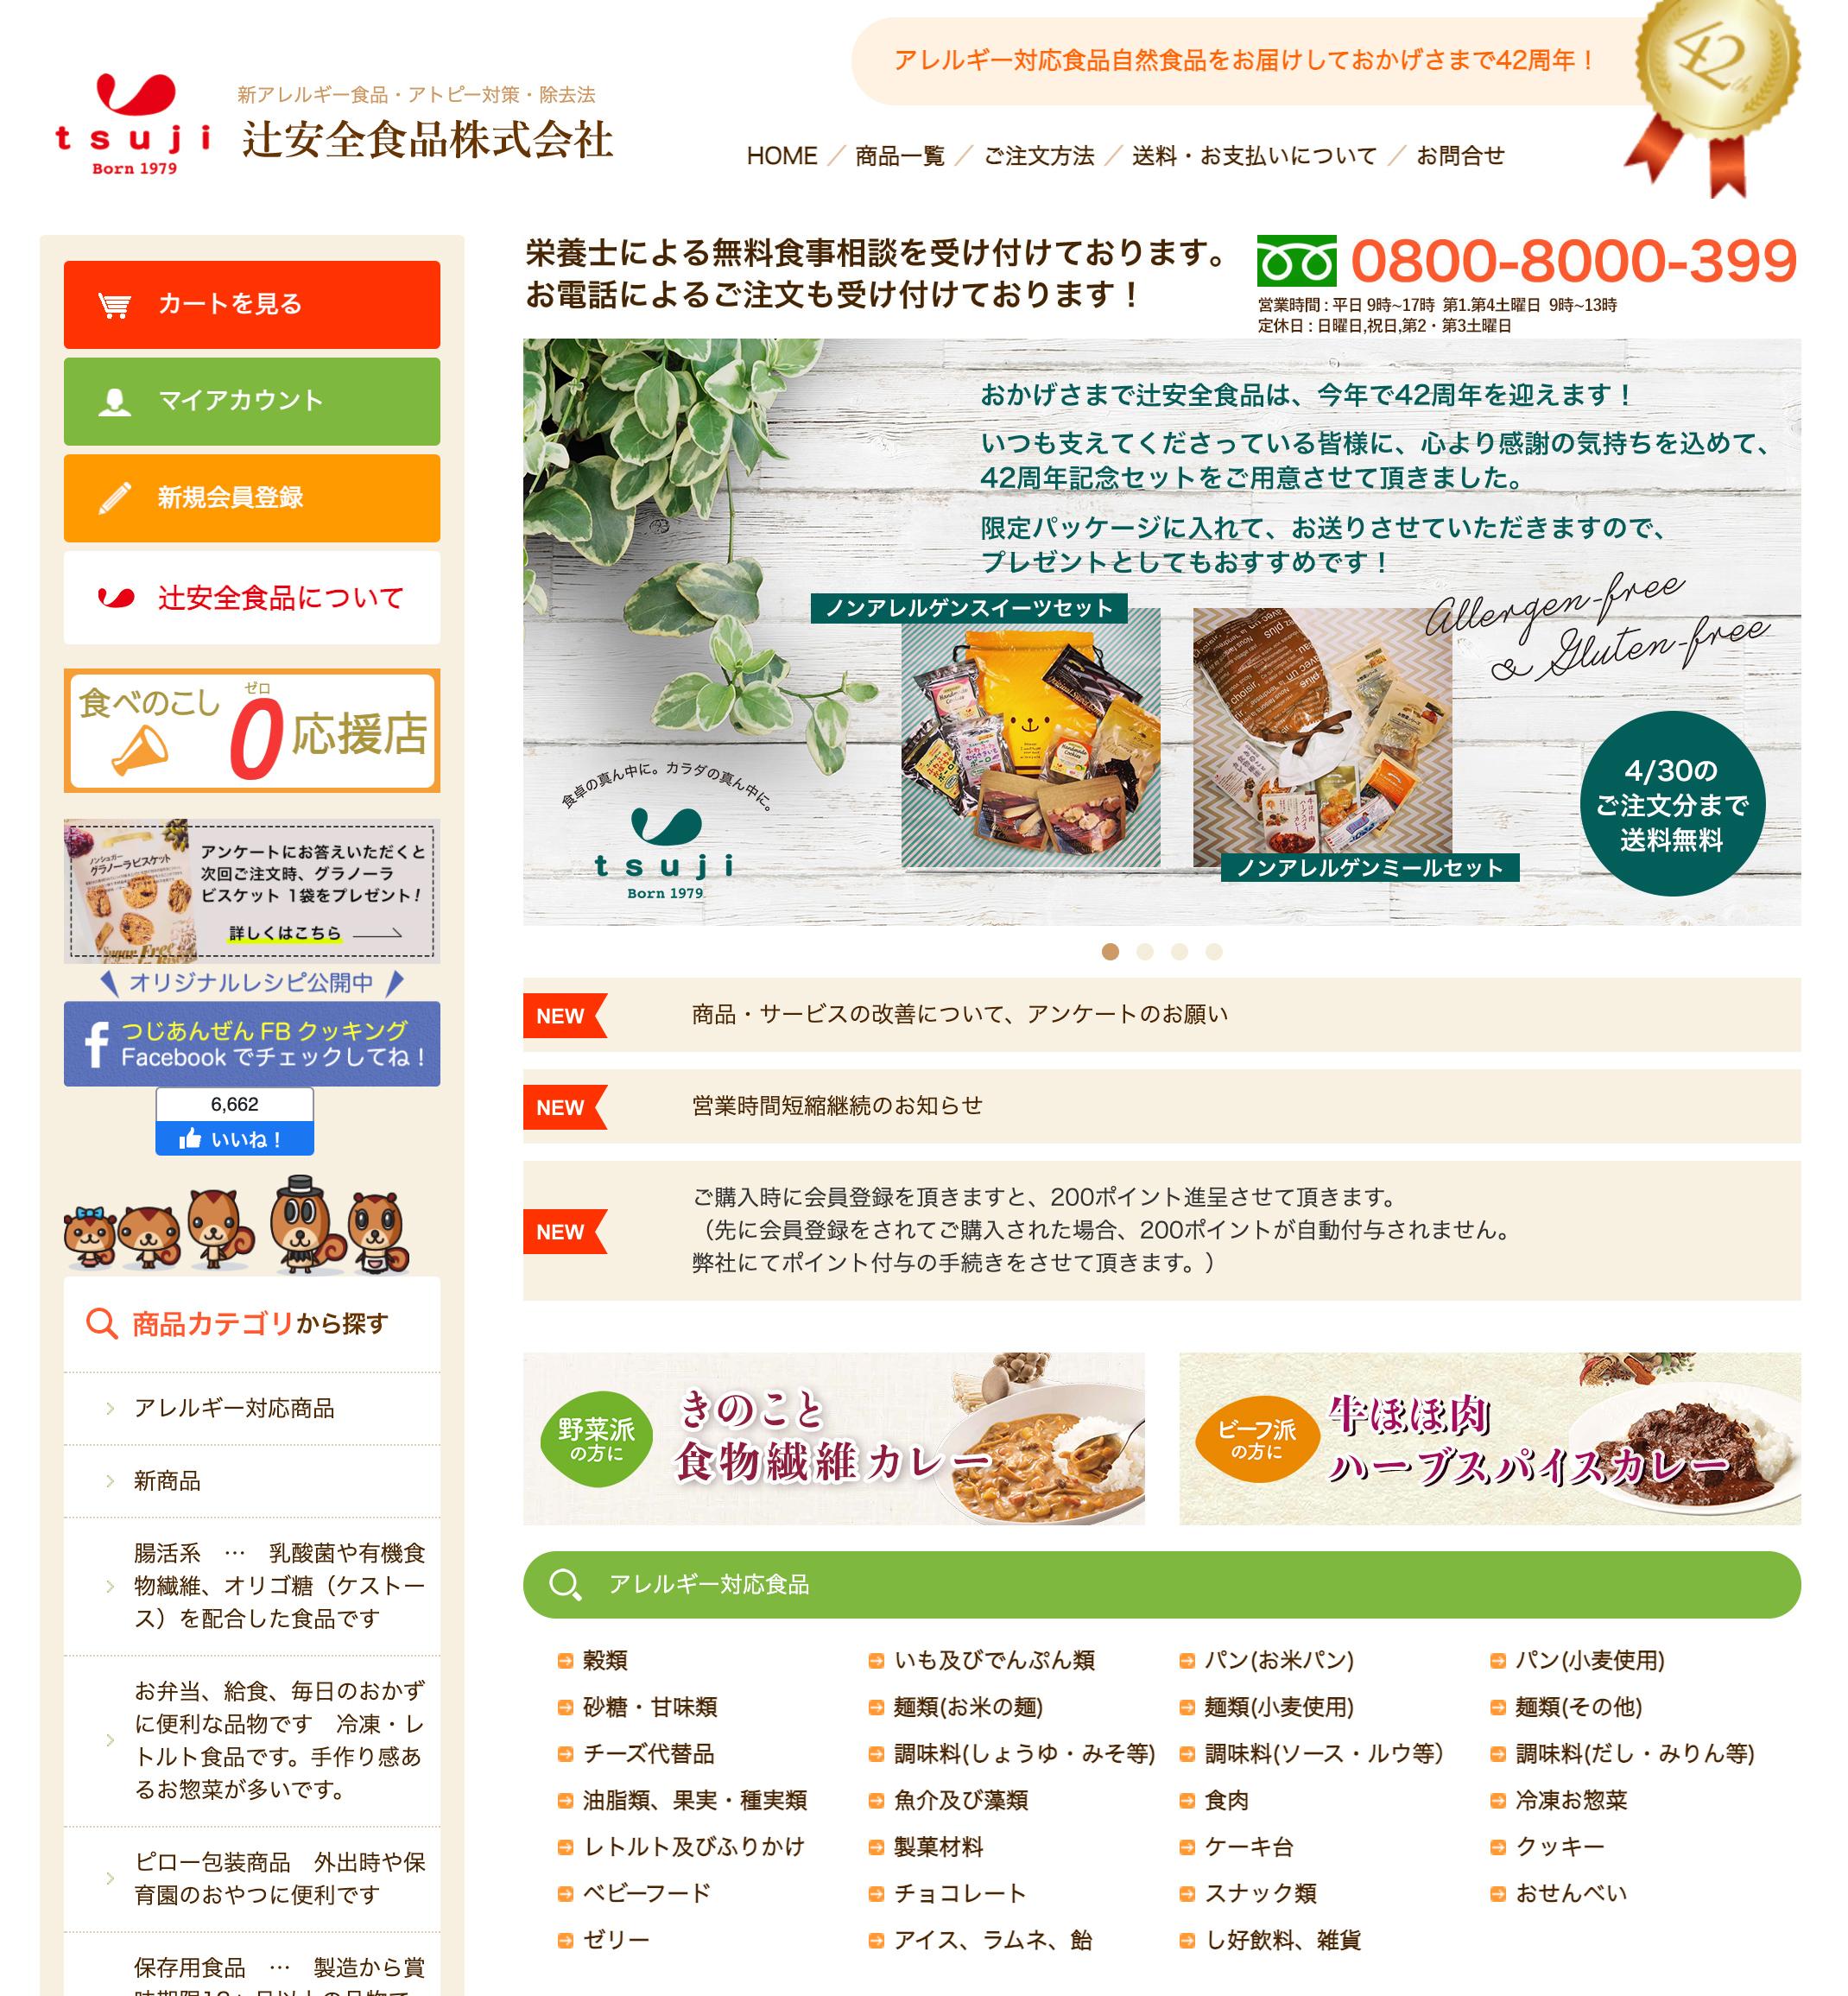 食物アレルギー対応食品の「辻安全食品オンラインショップ」